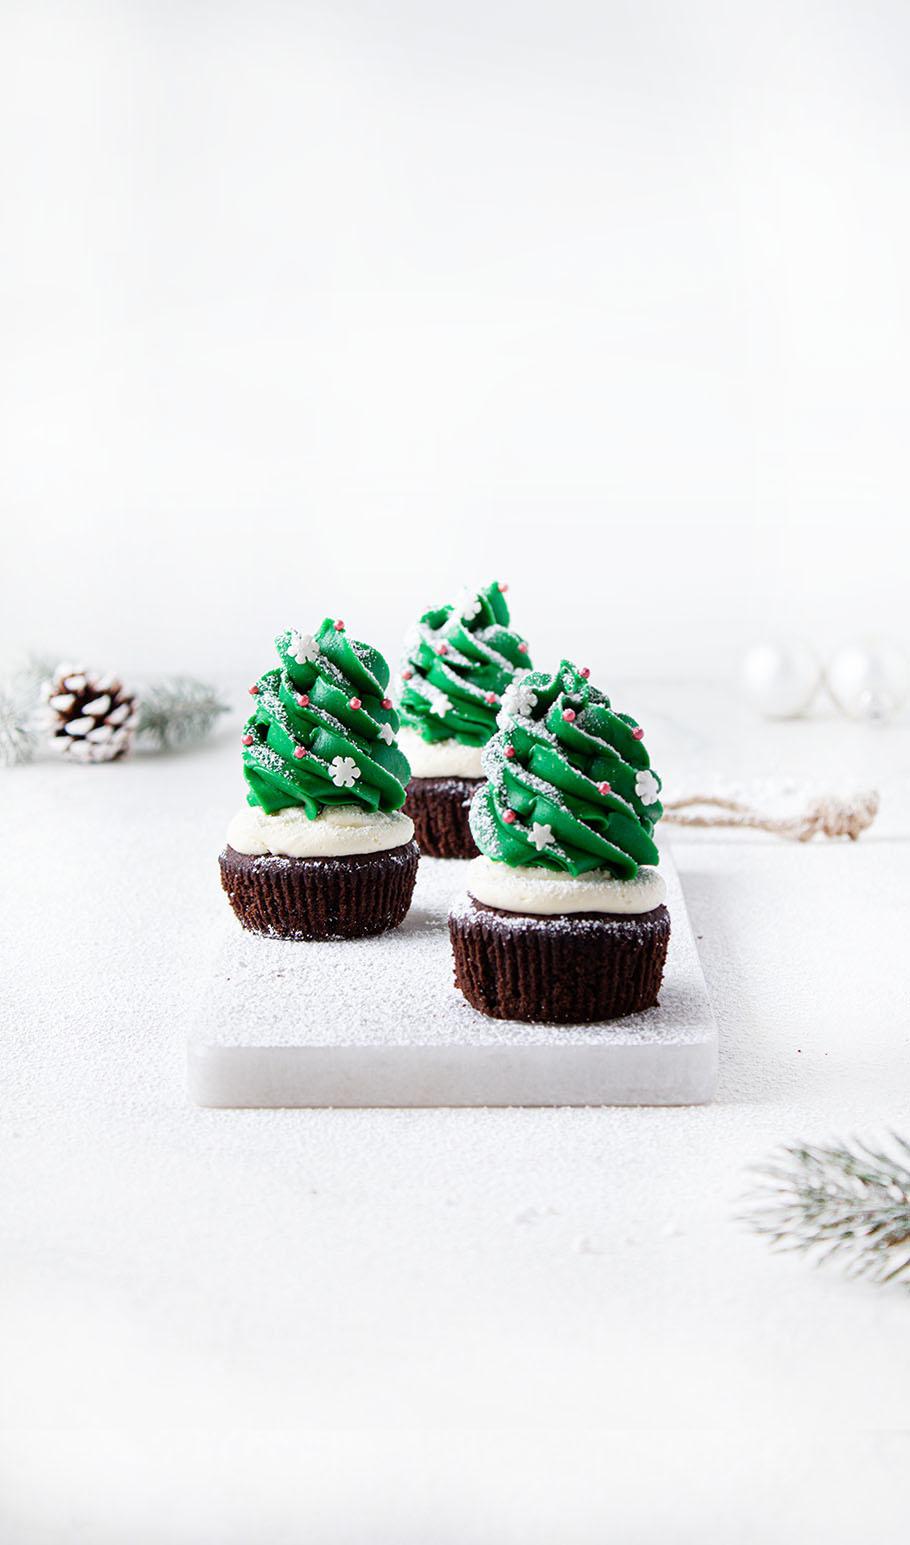 schokoladen weihnachtsbaum cupcakes mit preiselbeerf llung. Black Bedroom Furniture Sets. Home Design Ideas